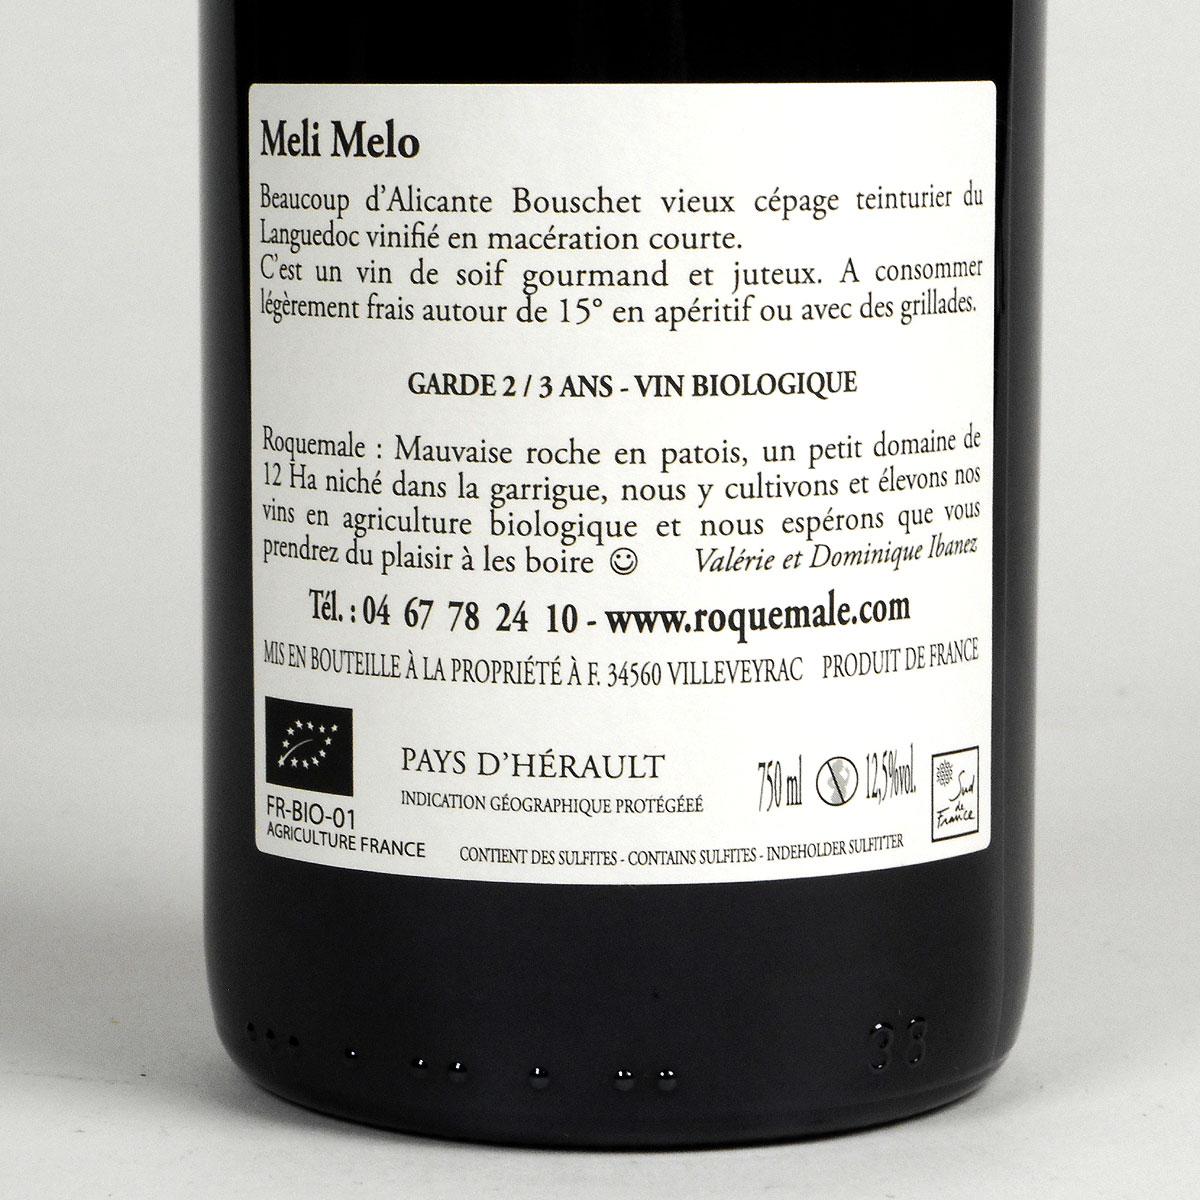 IGP Vin de Pays de l'Hérault: Domaine Roquemale 'Meli Melo' 2019 - Bottle Rear Label